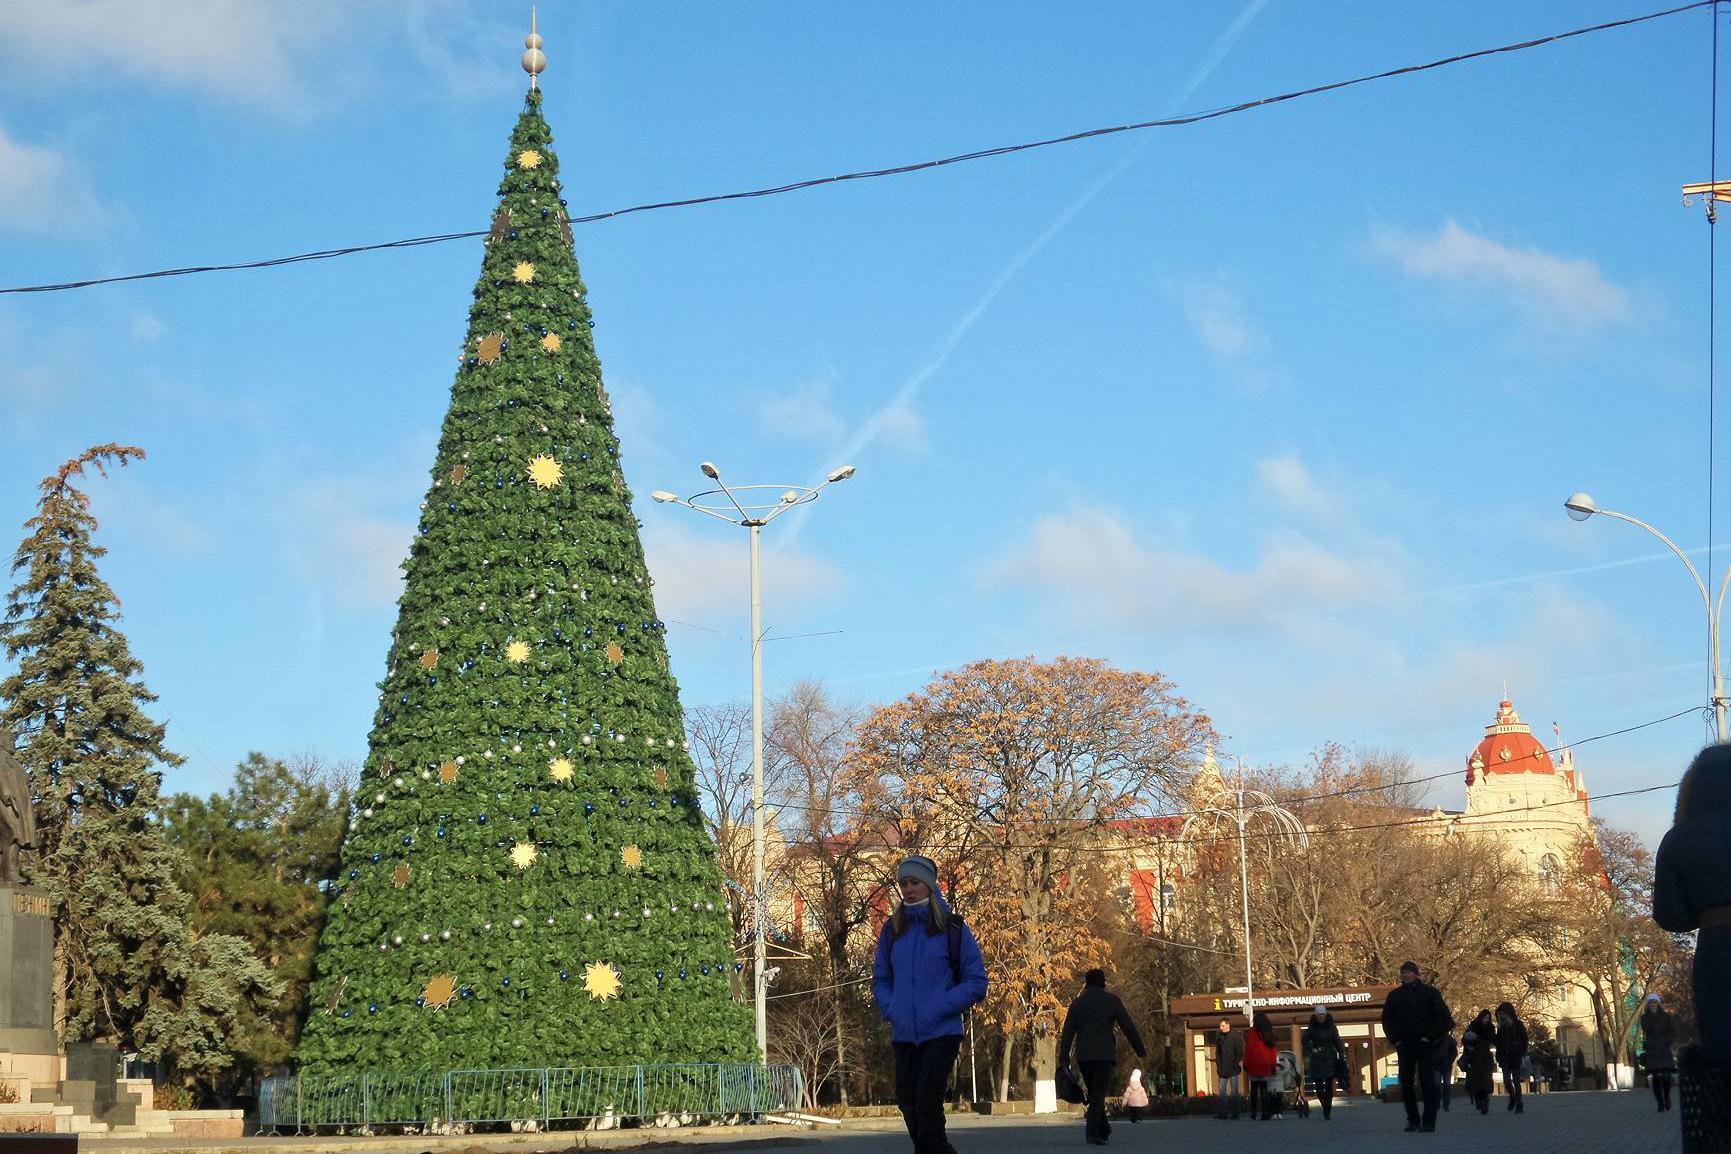 Центральная городская елка Ростова уже установлена.